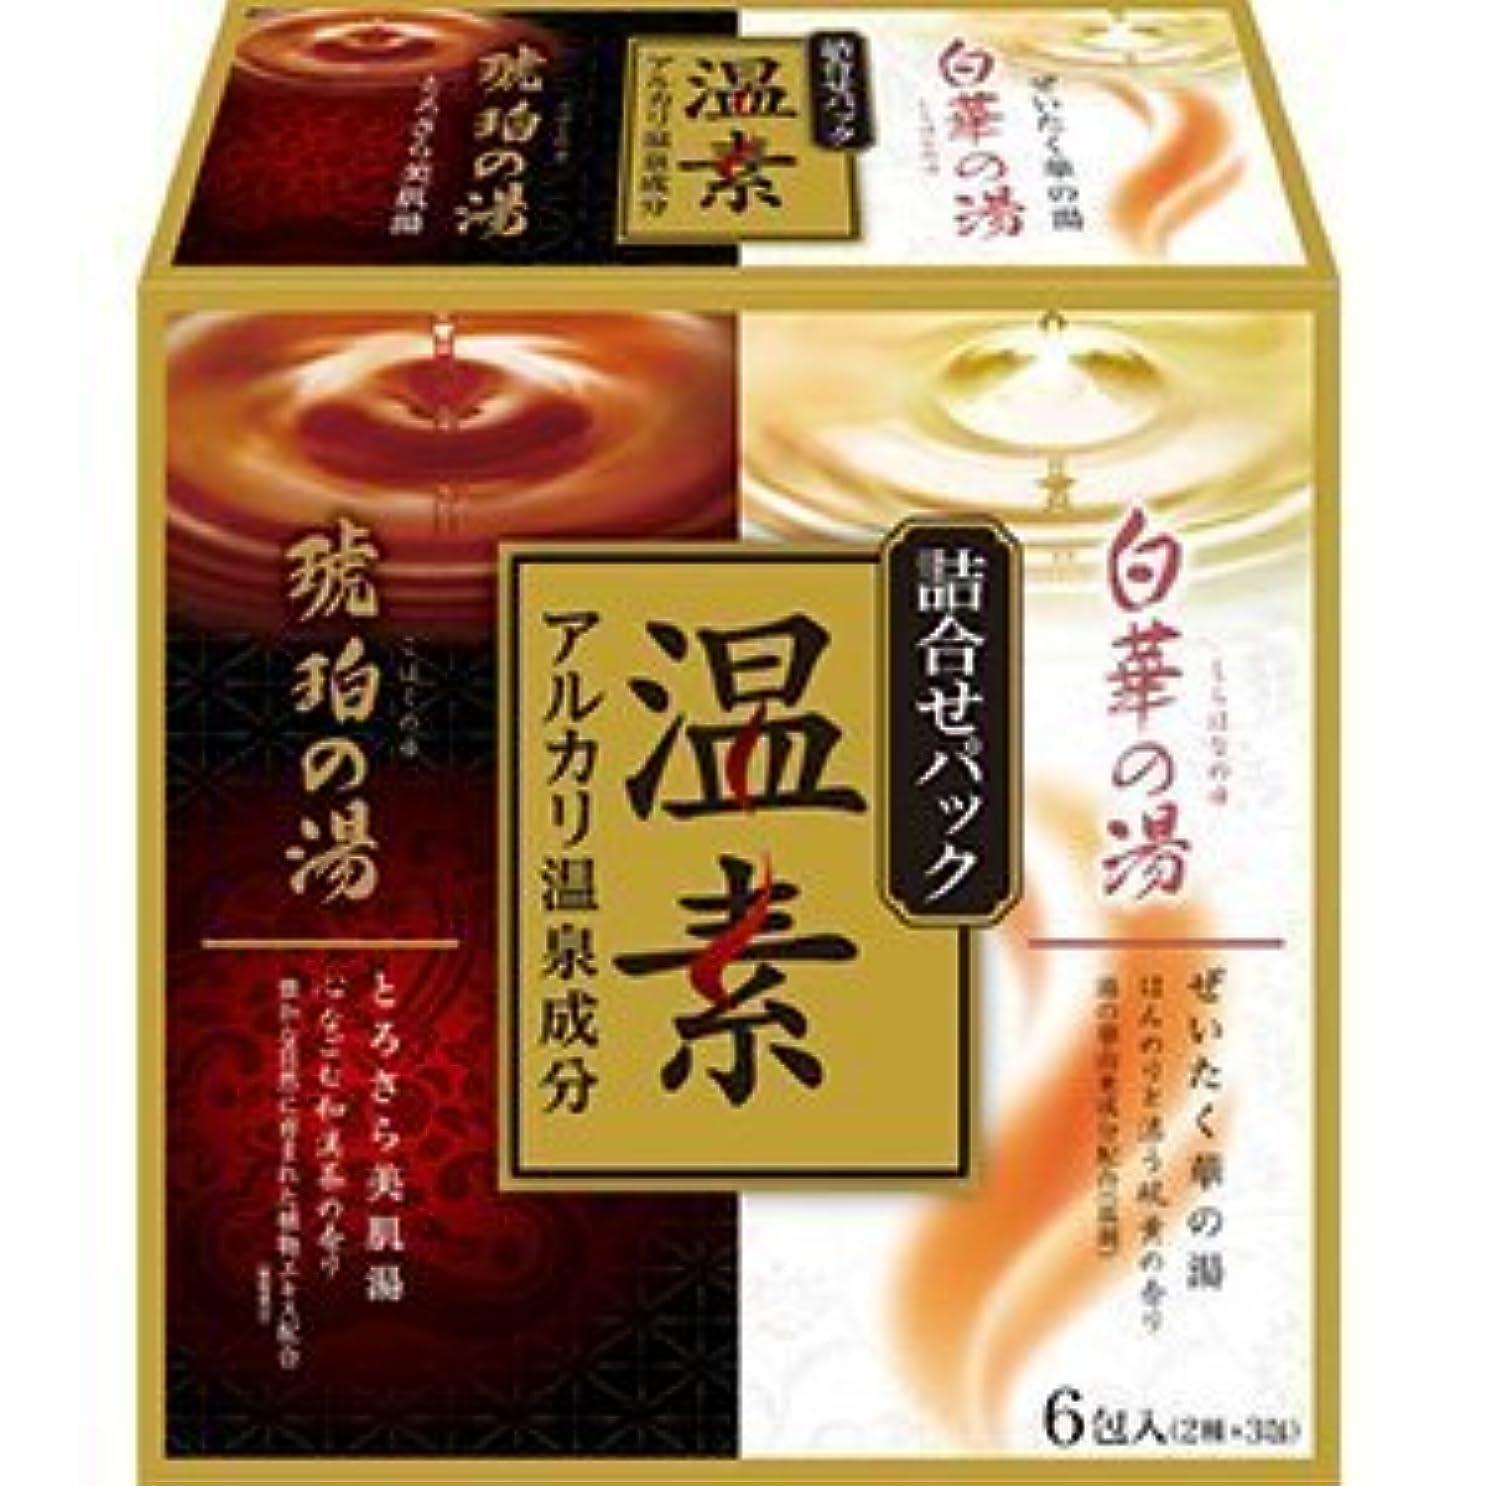 パッケージ心理的に競合他社選手温素 琥珀の湯&白華の湯 詰合せパック × 3個セット